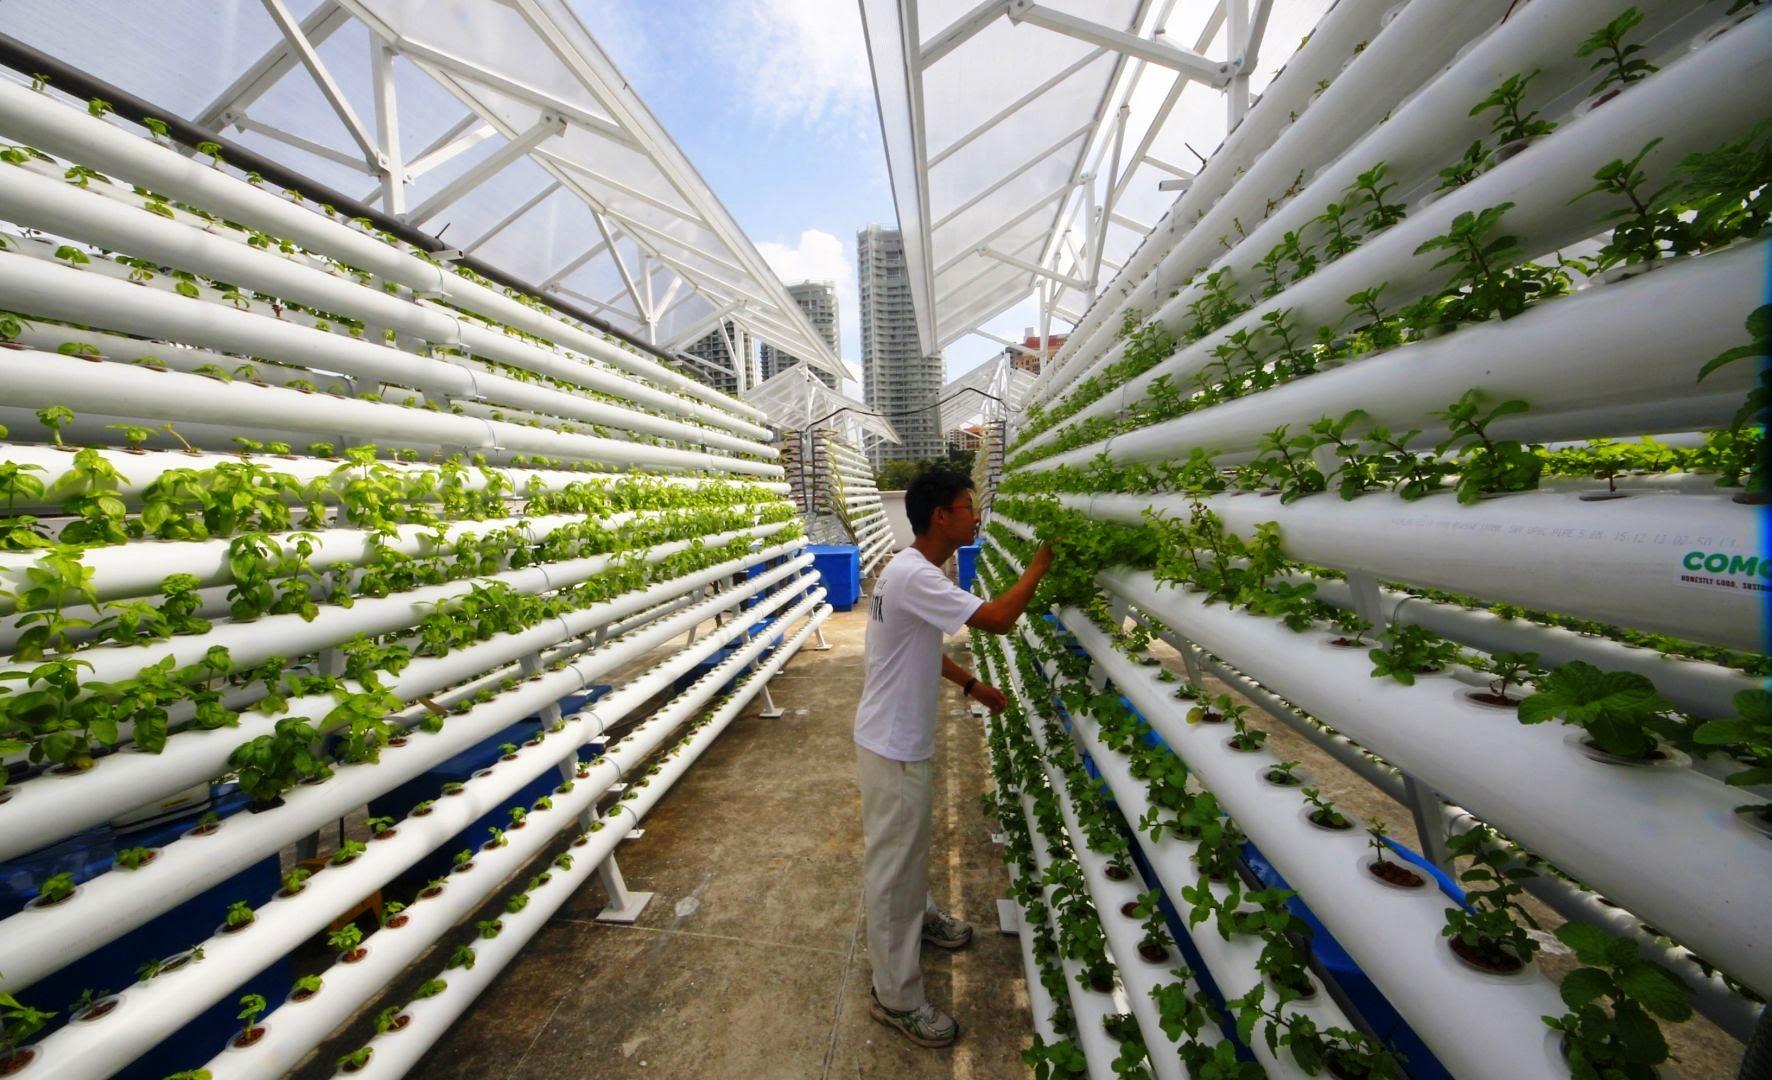 উল্লম্ব কৃষি (Vertical Farming)